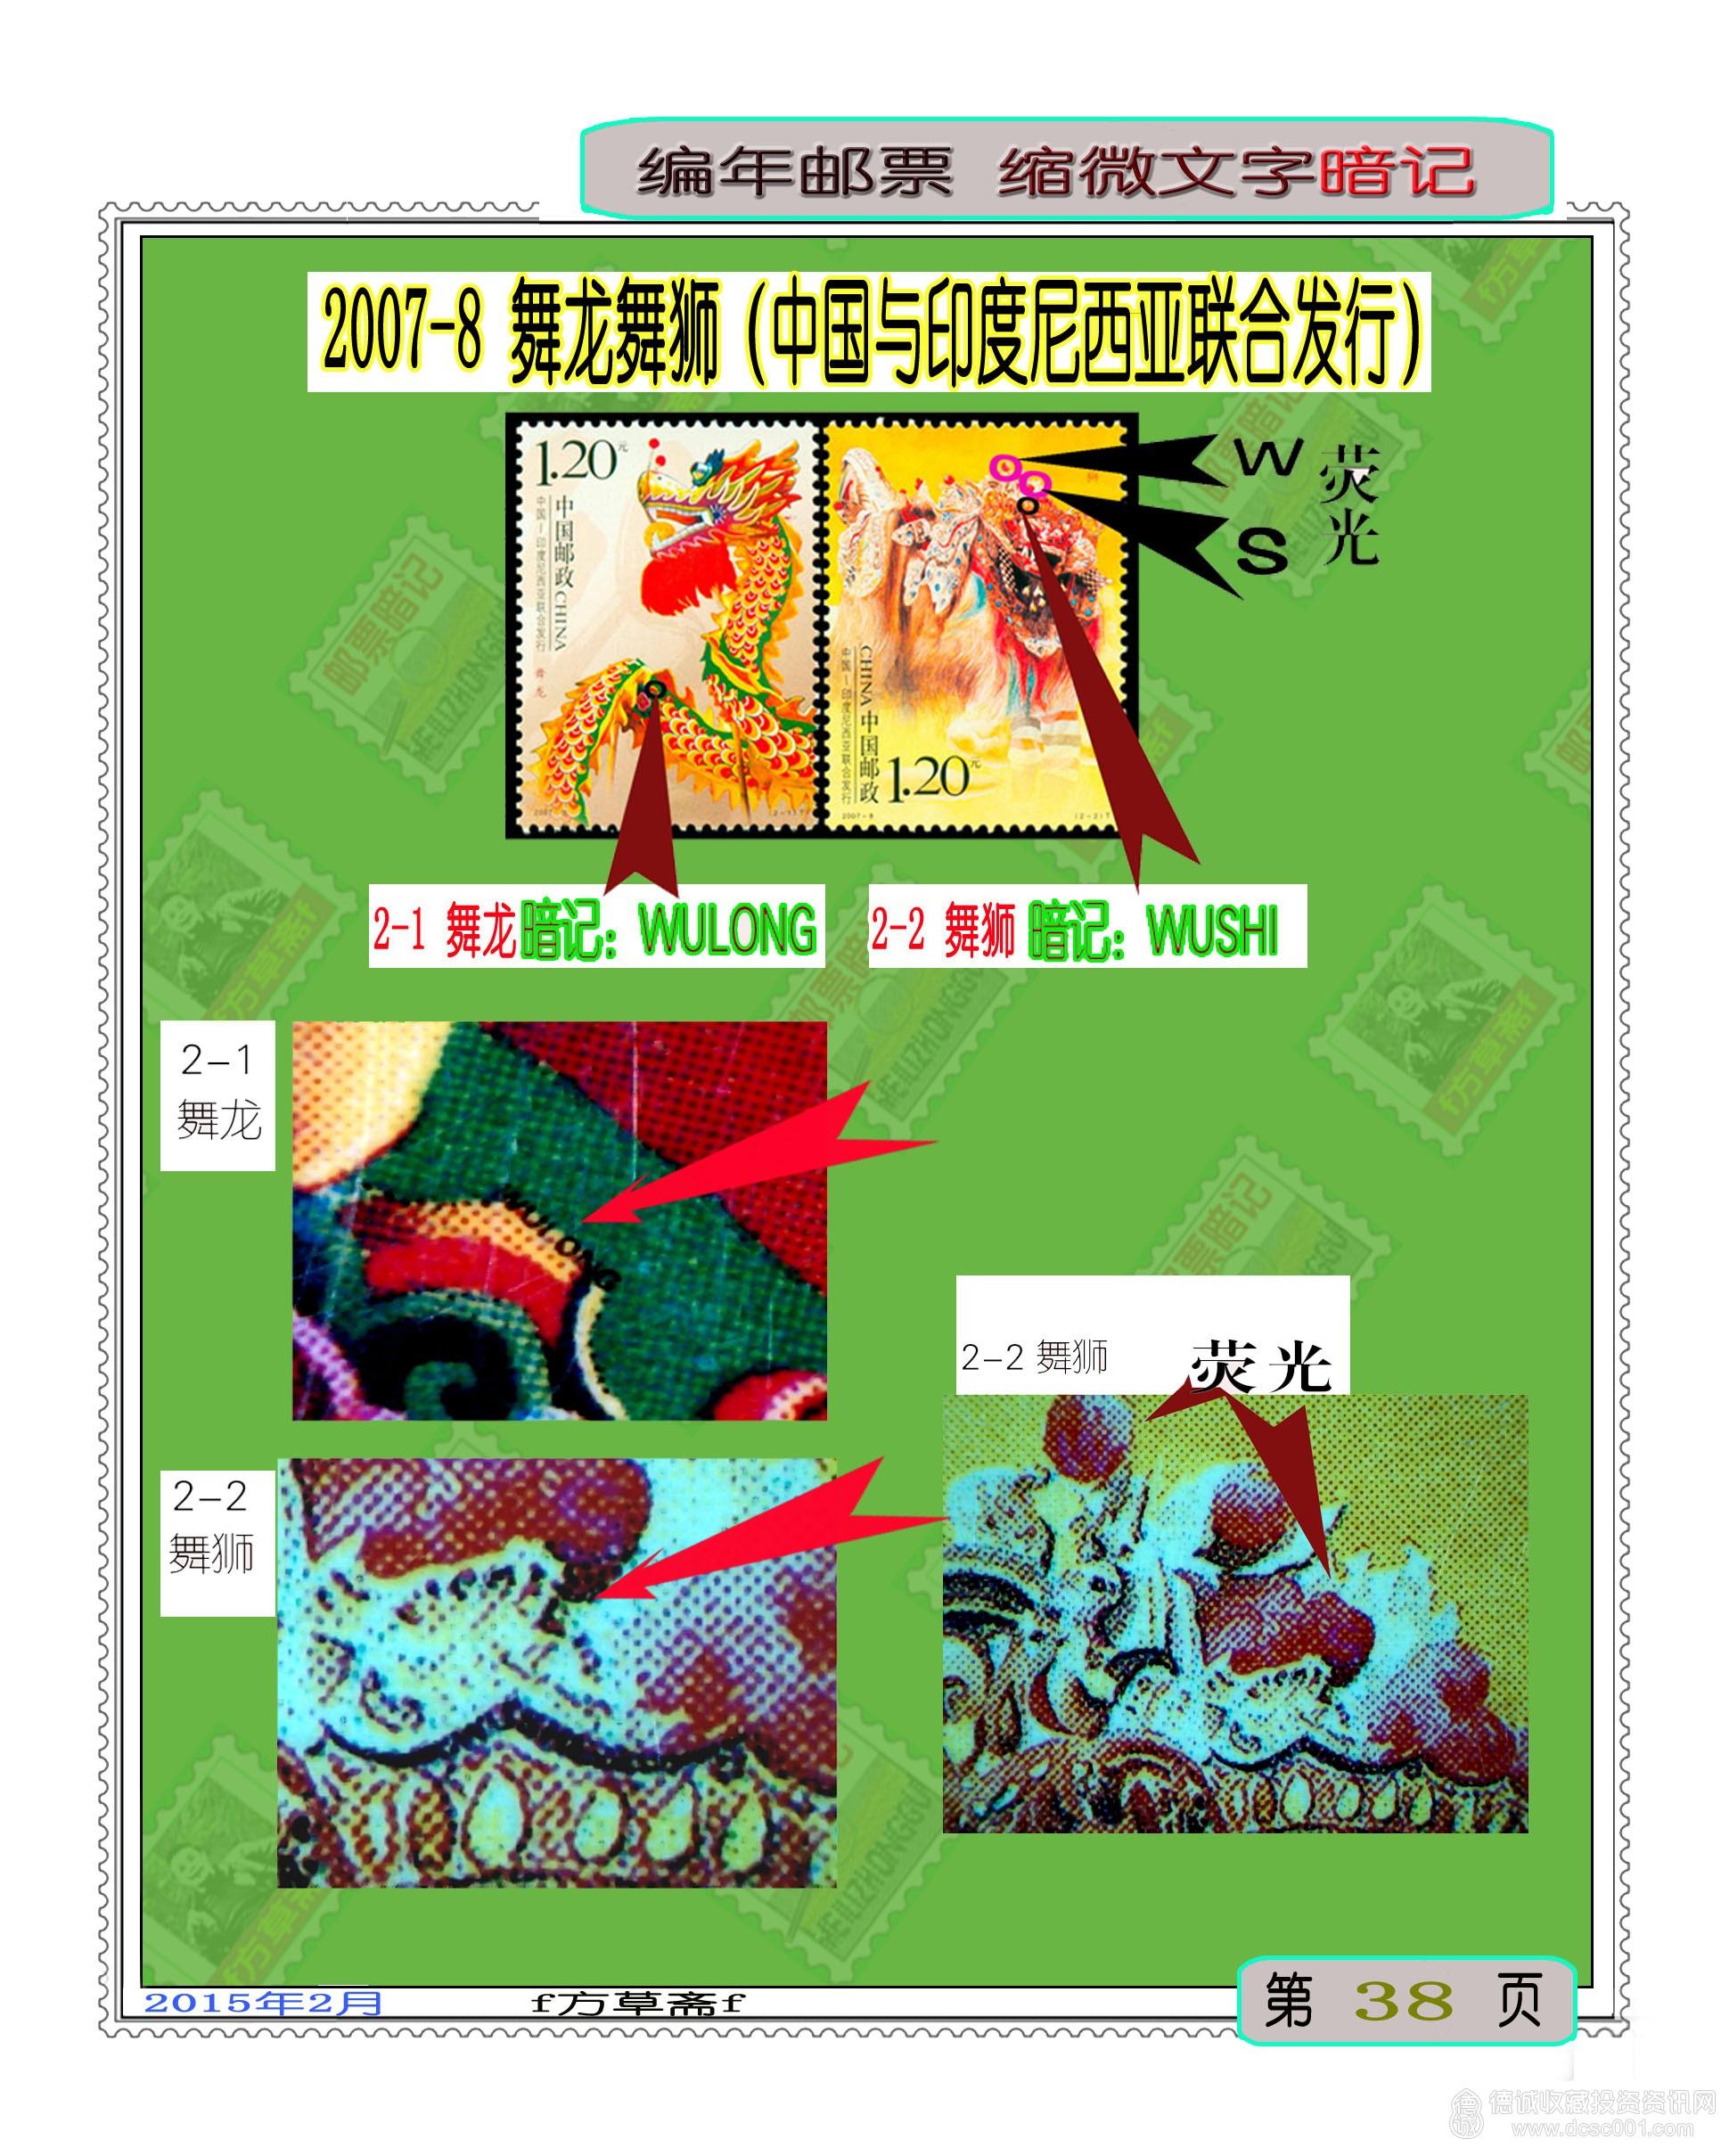 2007-8 舞龙舞狮.jpg